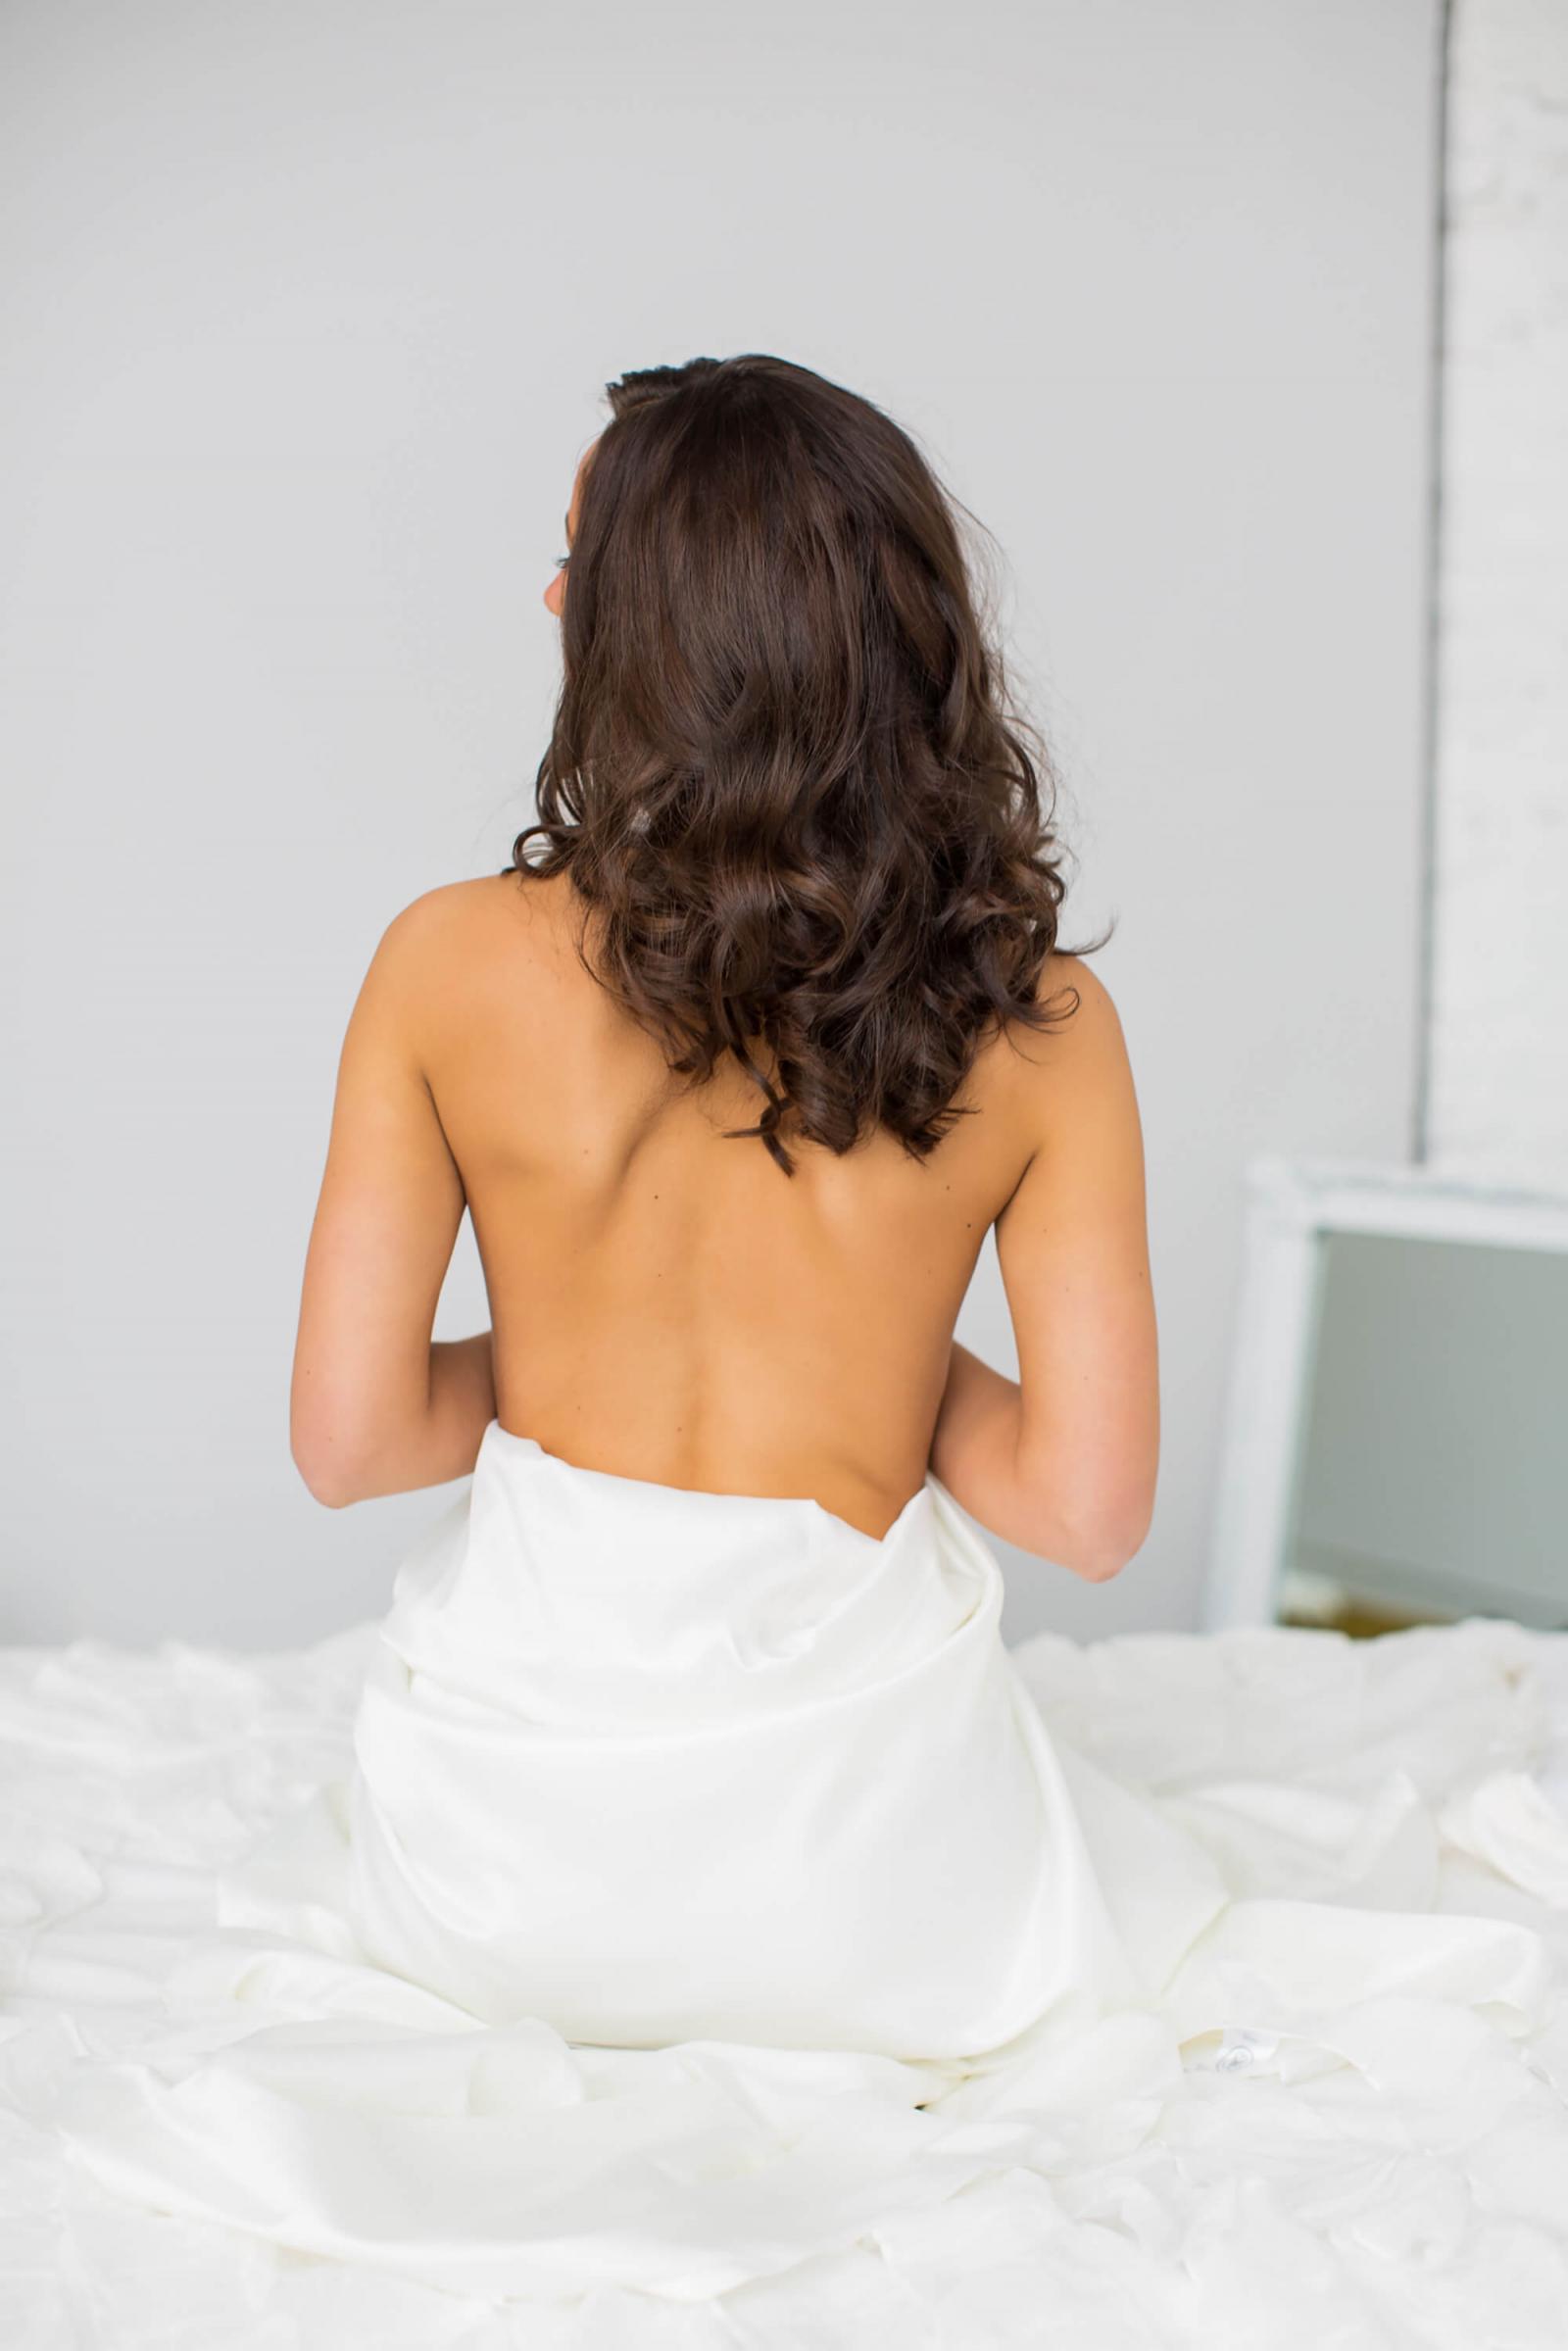 connecticut bridal boudoir photography